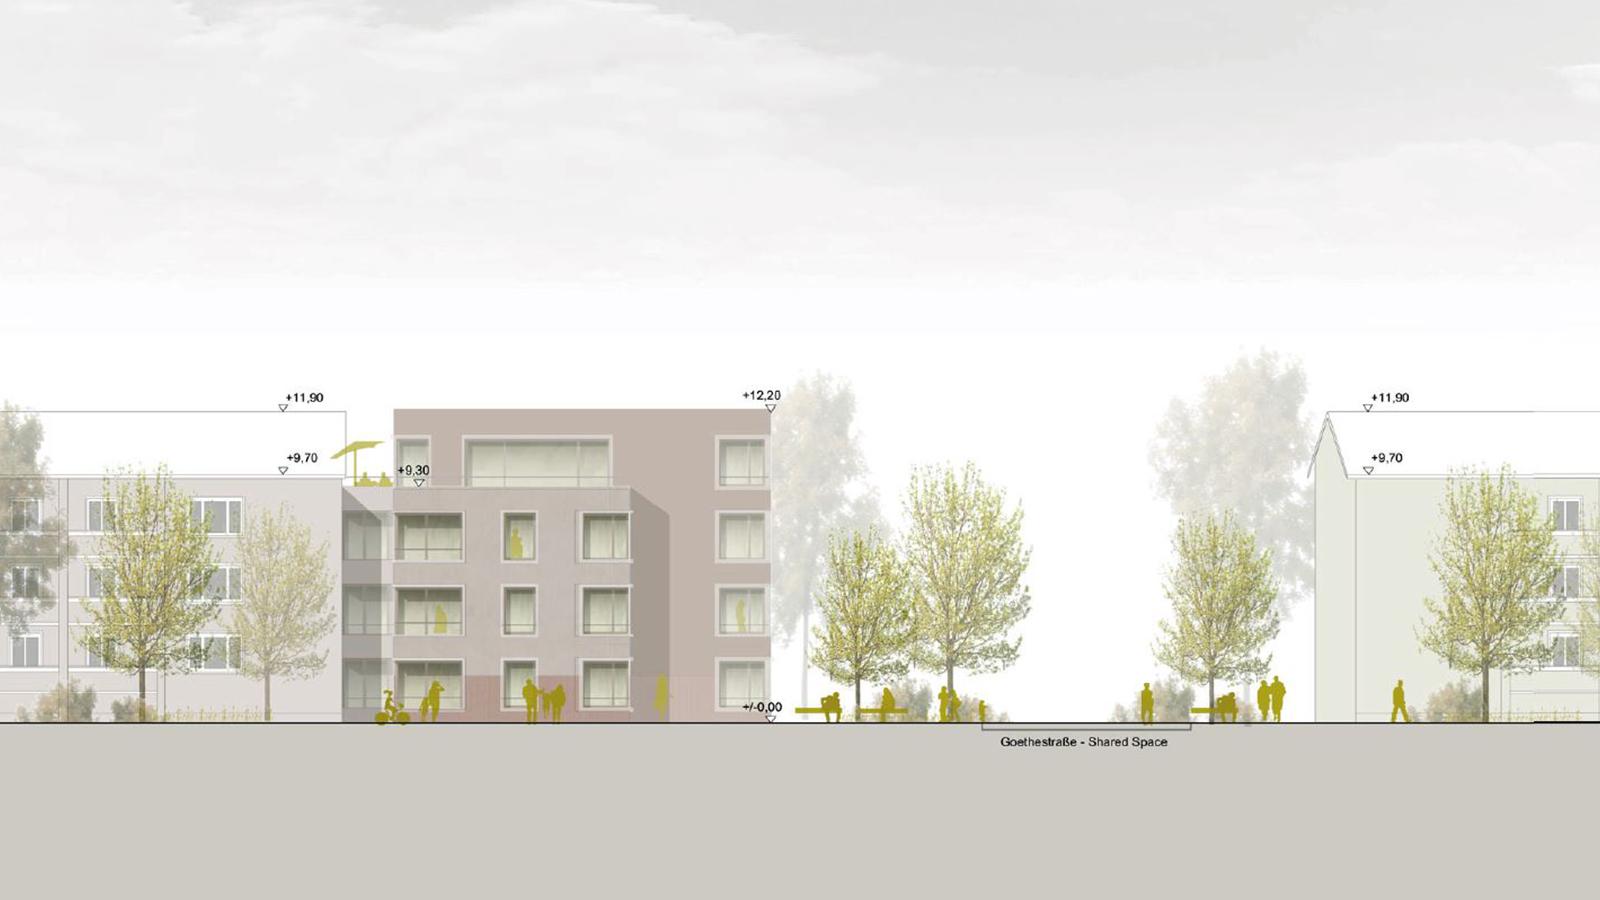 h2m-architekten-wettbewerb-goethequartier-ansicht-ost-kpfbauten